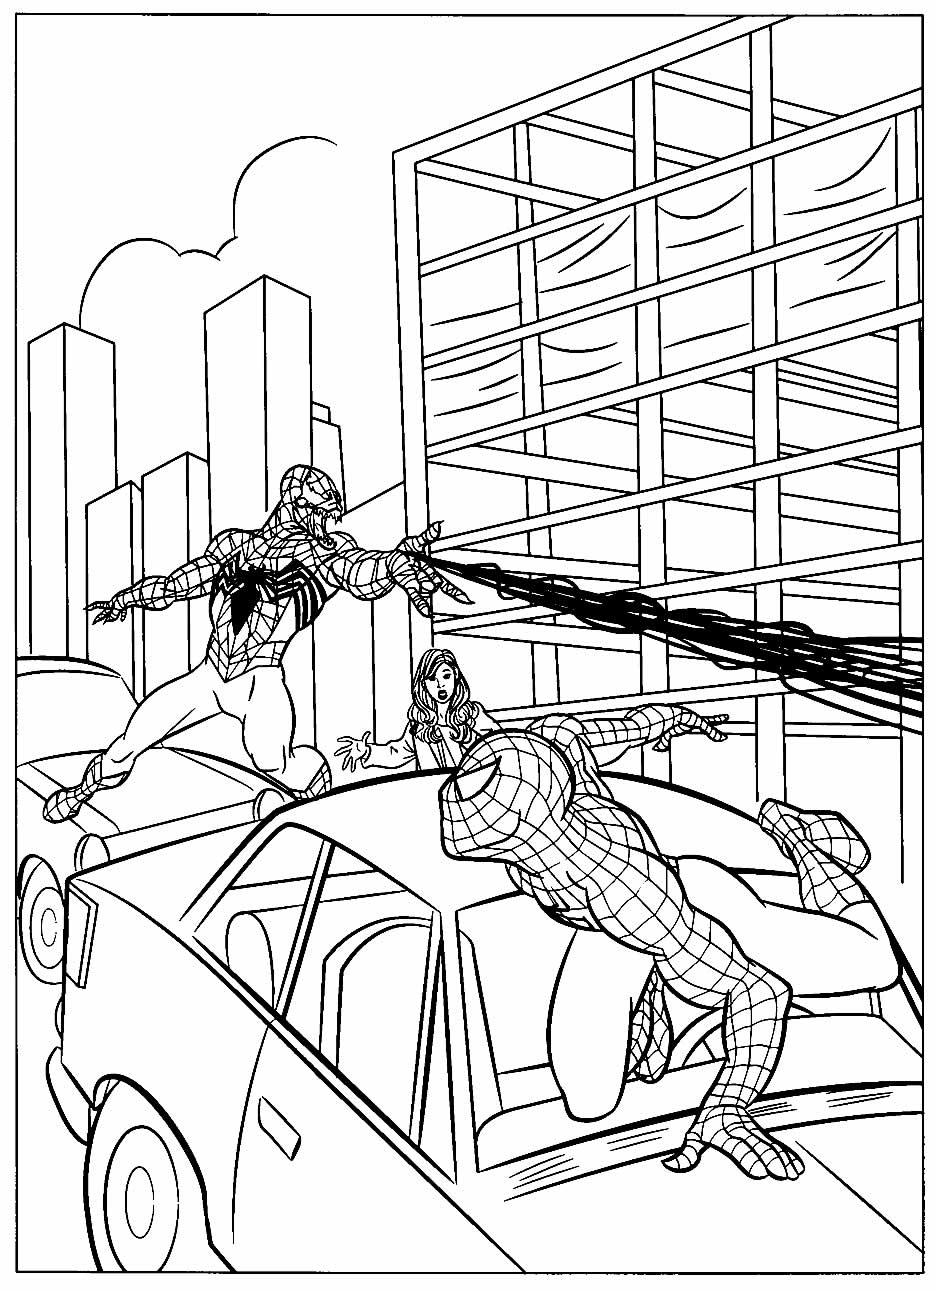 Desenho do Homem-Aranha lutando